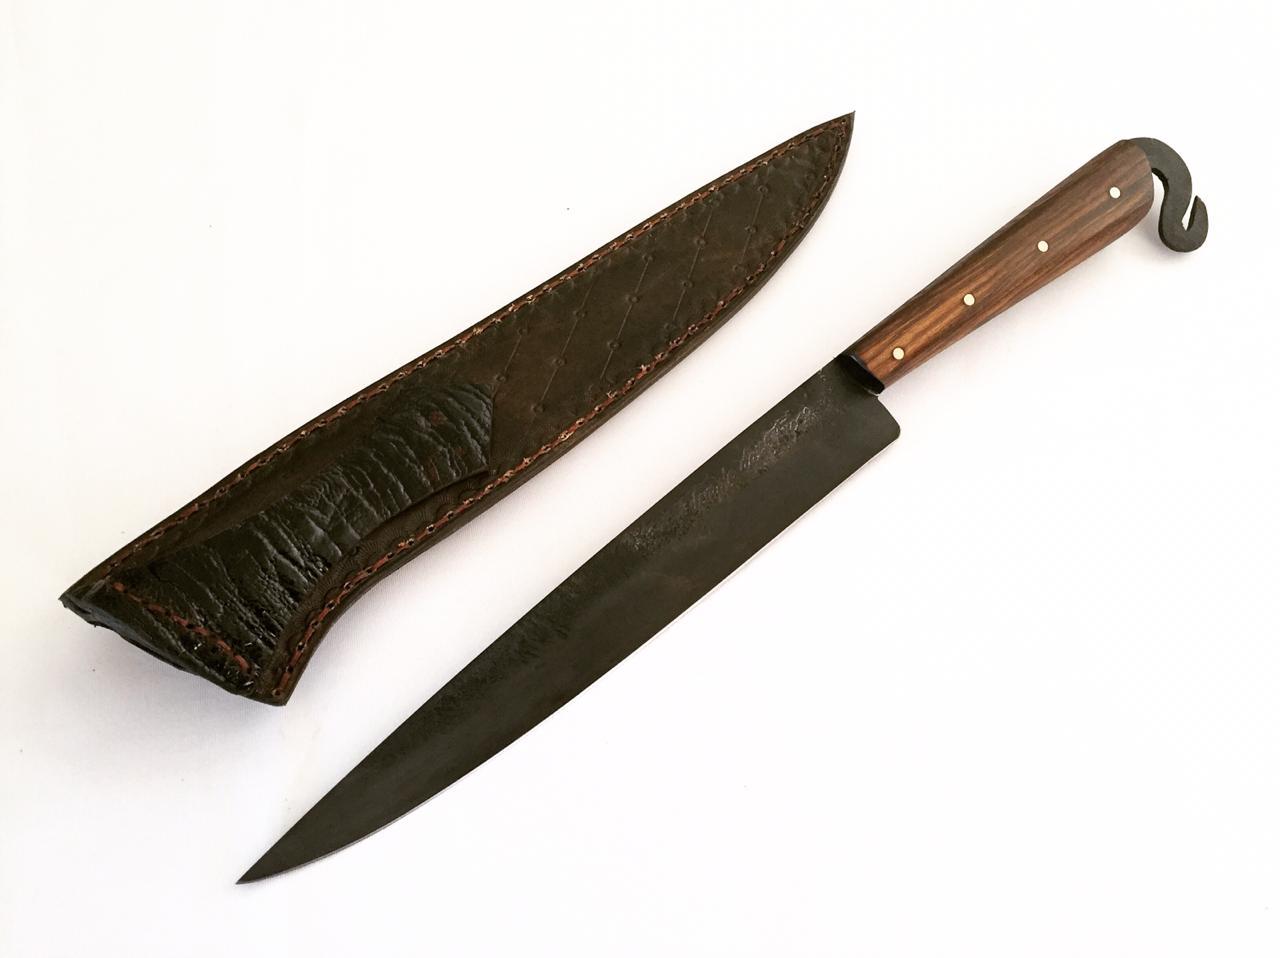 Faca forjada negra de disco de arado antigo 9 polegadas